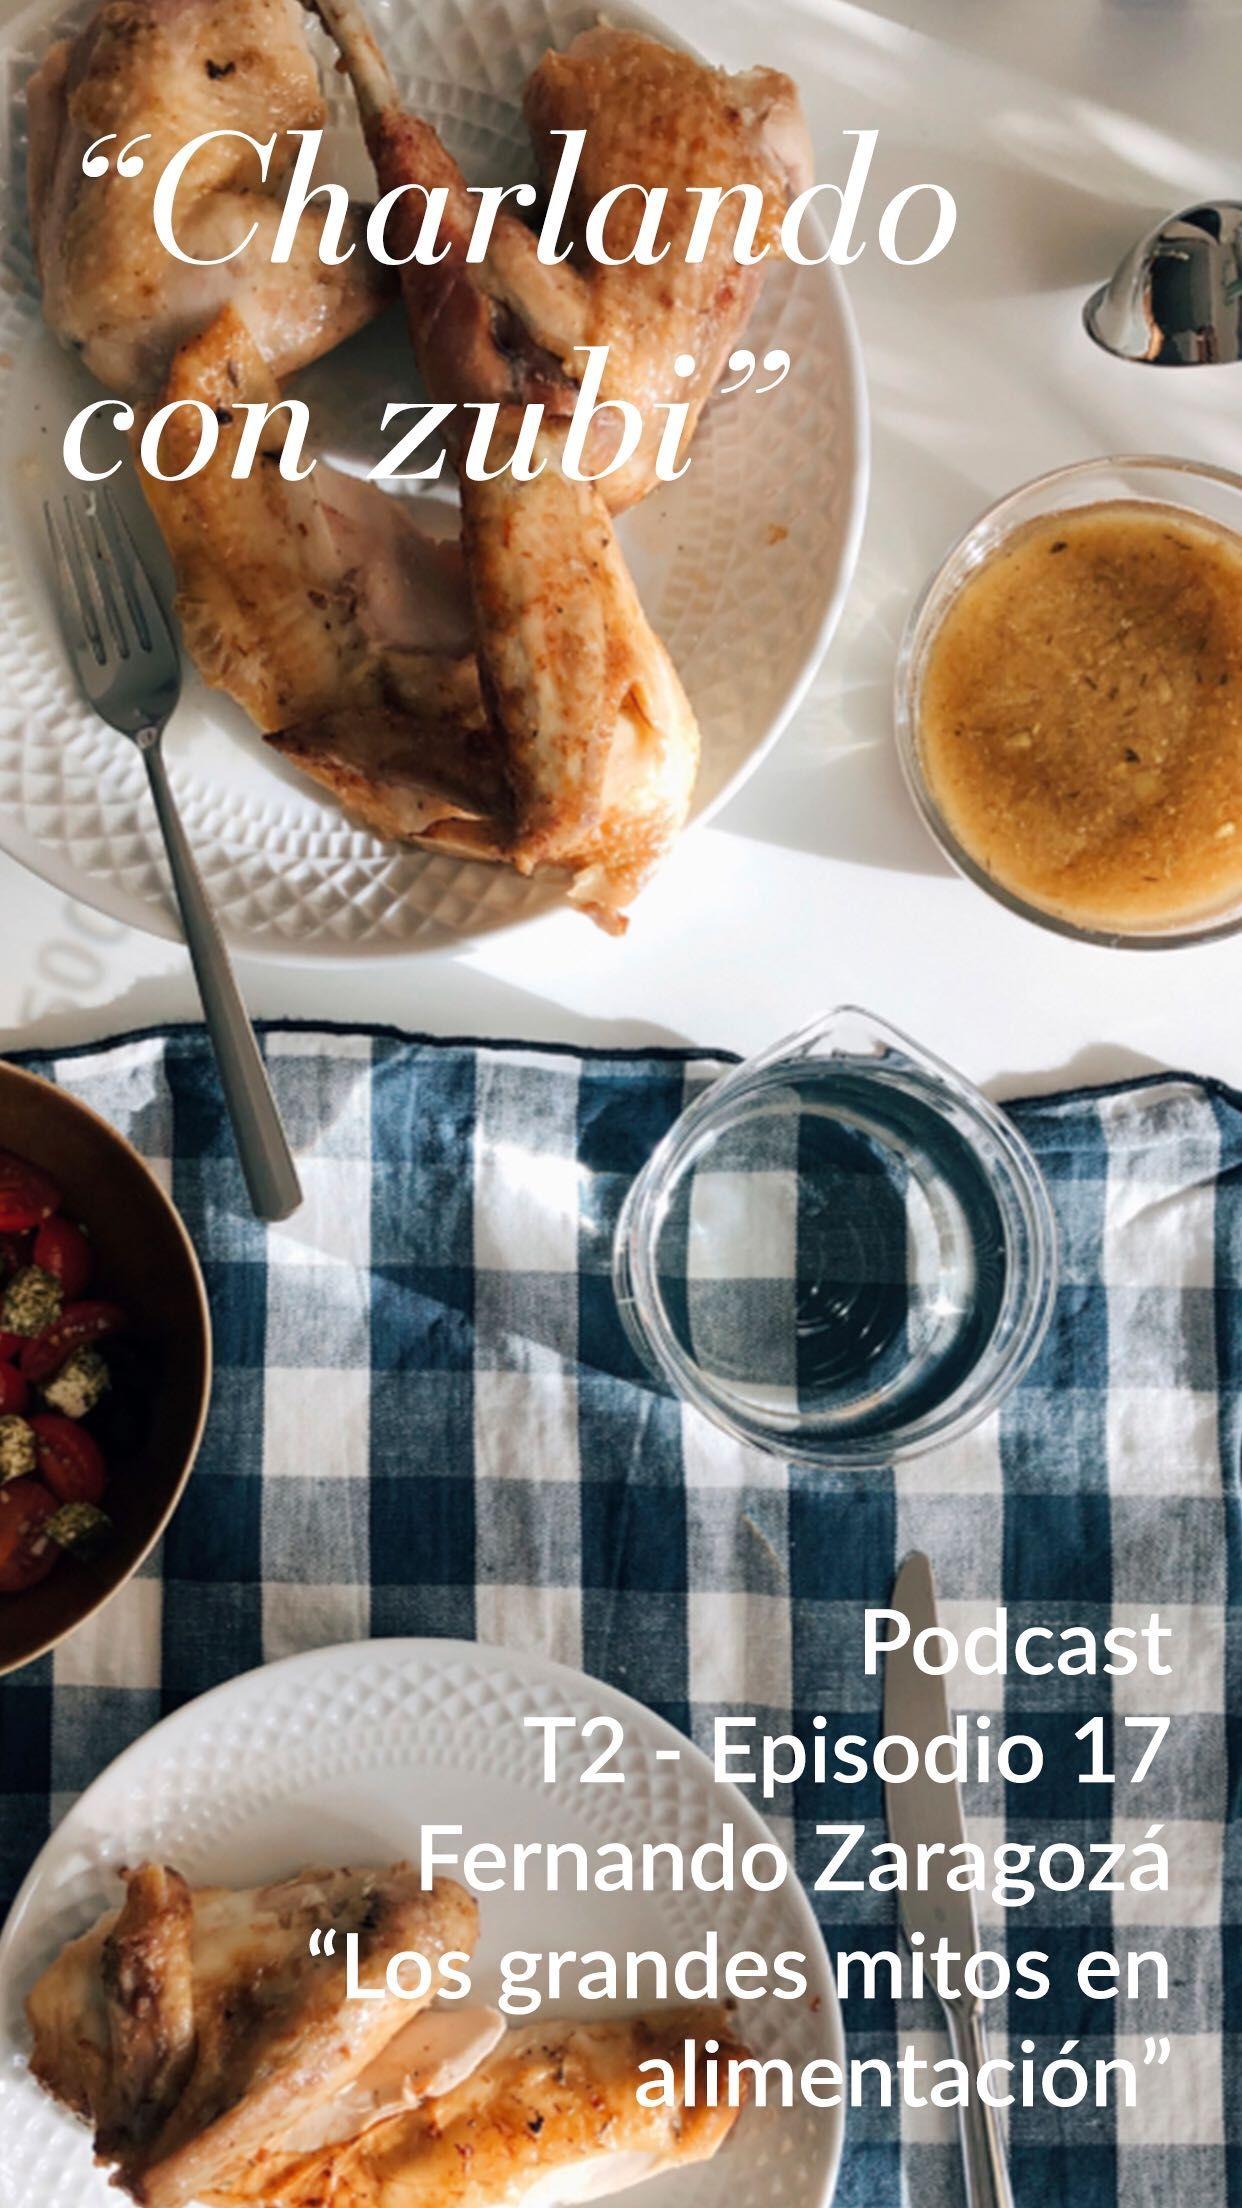 Charlando con Fernando Zaragozá sobre los grandes mitos en alimentación